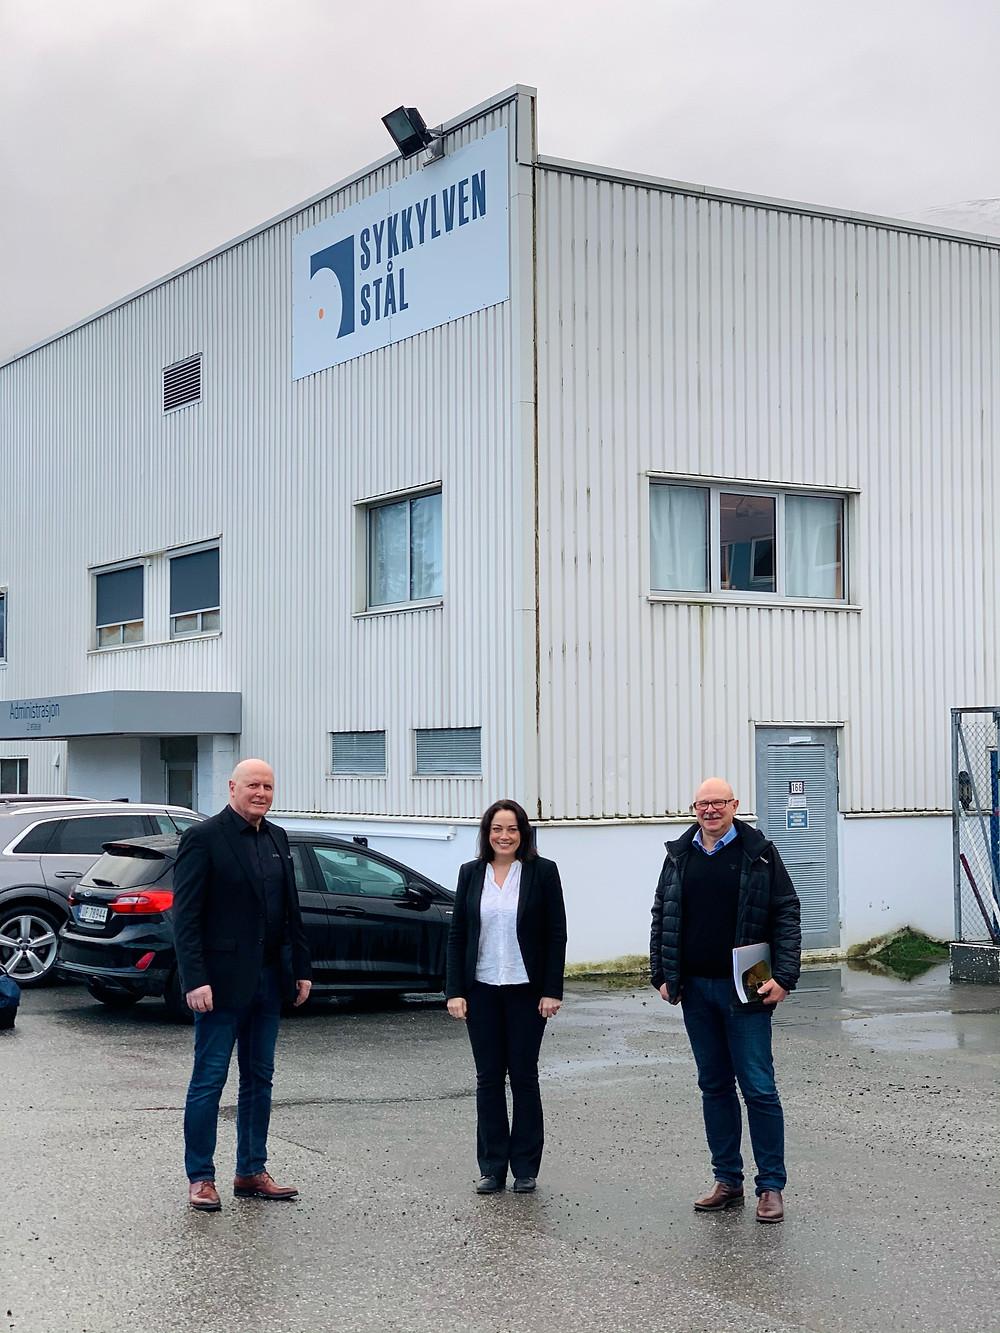 Karl Inge Rekdal, ELse-May Norderhus og Steinar Johan Bakke utenfor Sykkylven Ståls hvite produksjonslokaler på Vikøyra Industriområde i Sykkylven, Norge.